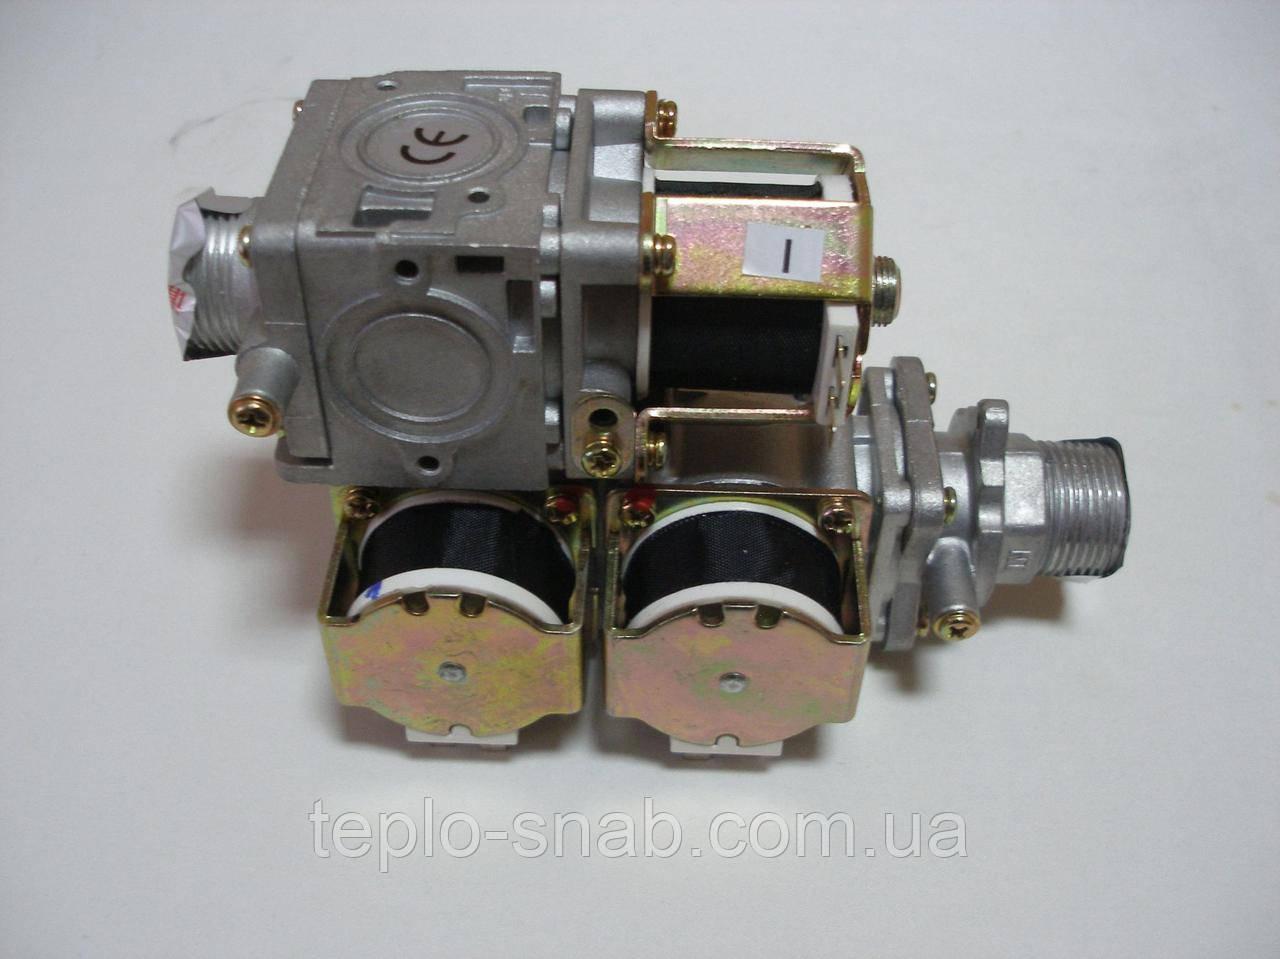 Газовий клапан SOLLY Standart зі штуцером і модулятором H4300300016